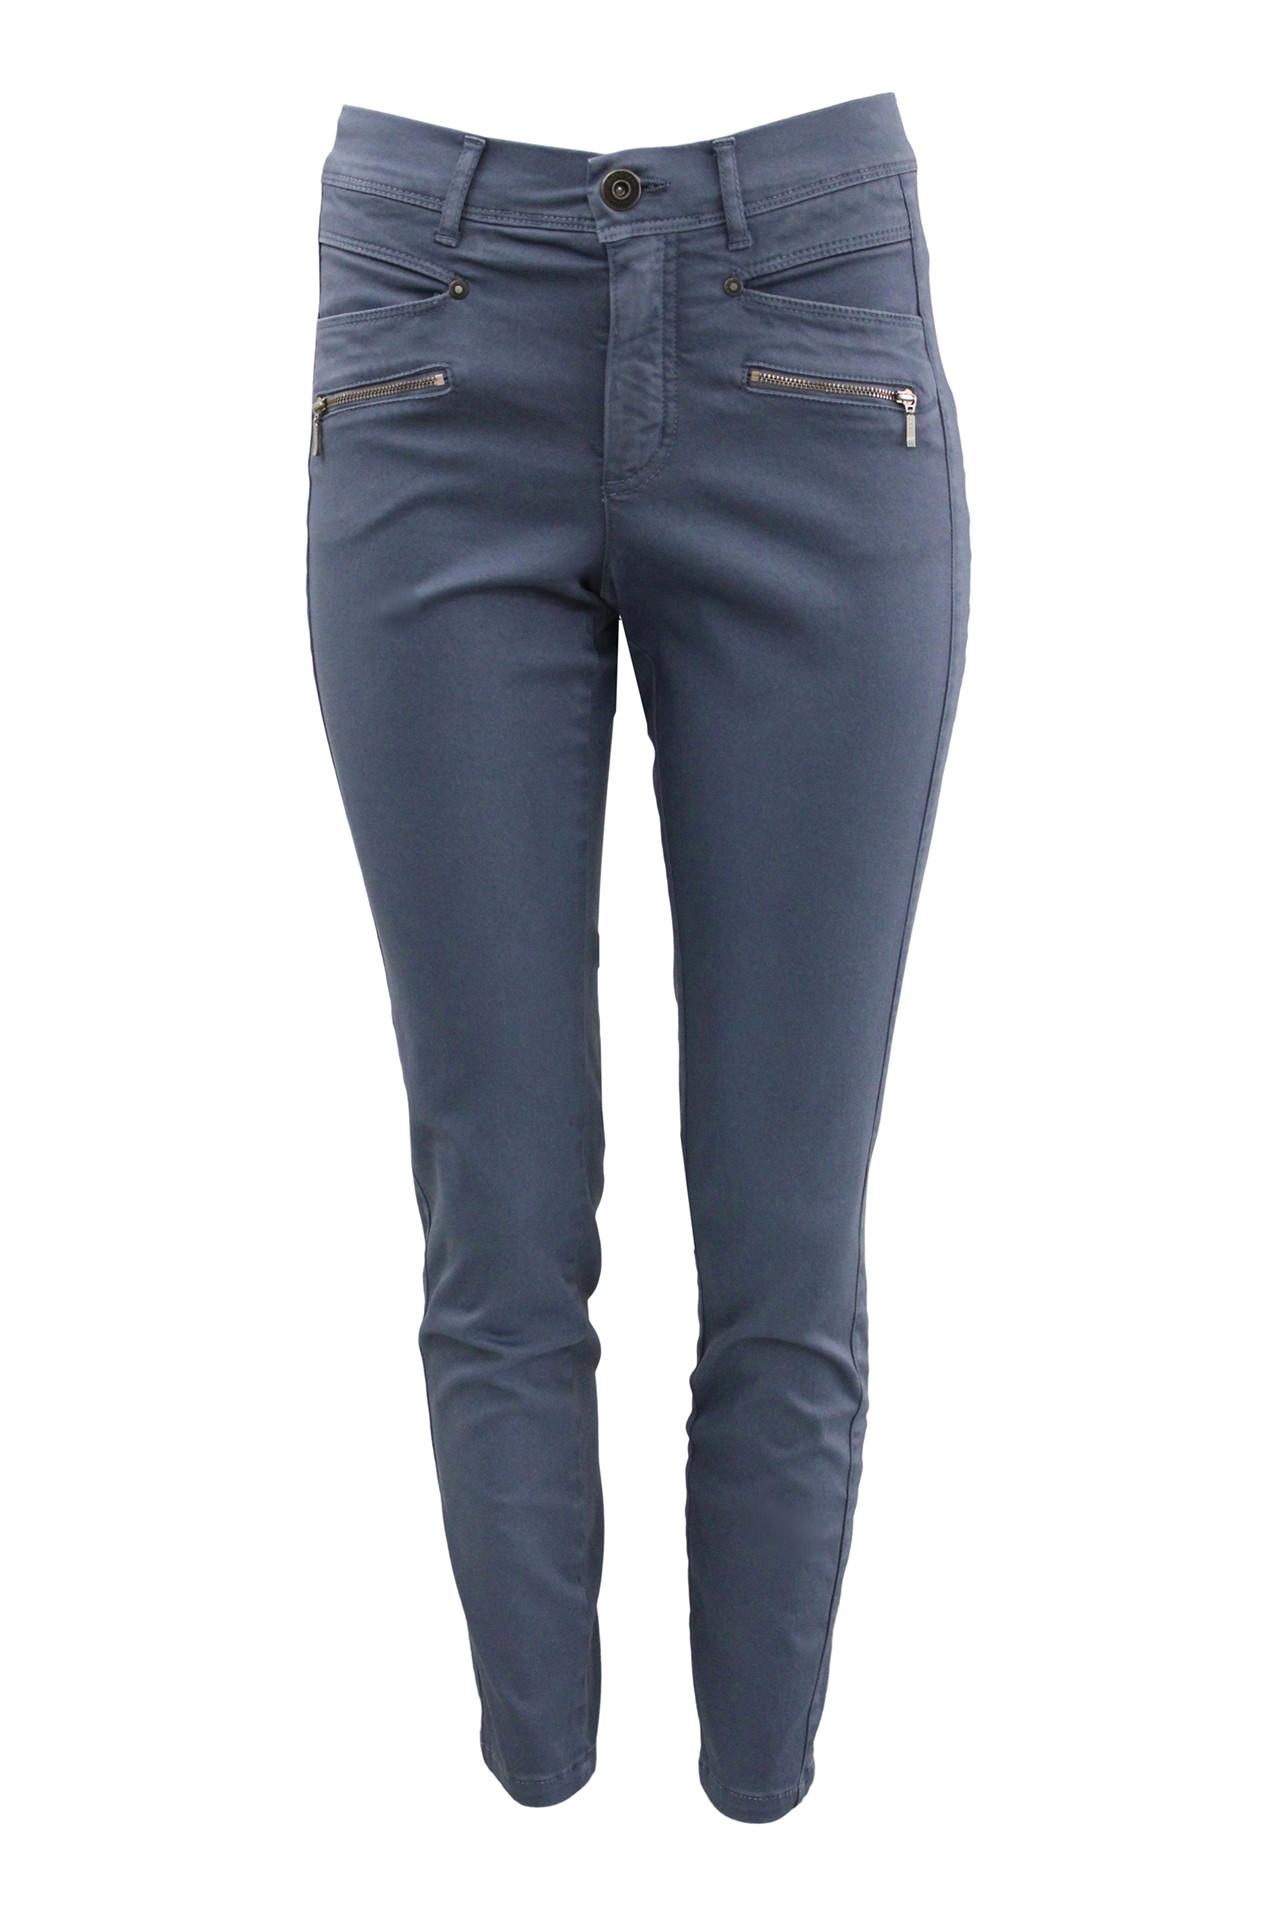 Cool bukser God pasform og et smukt design fra 2 biz